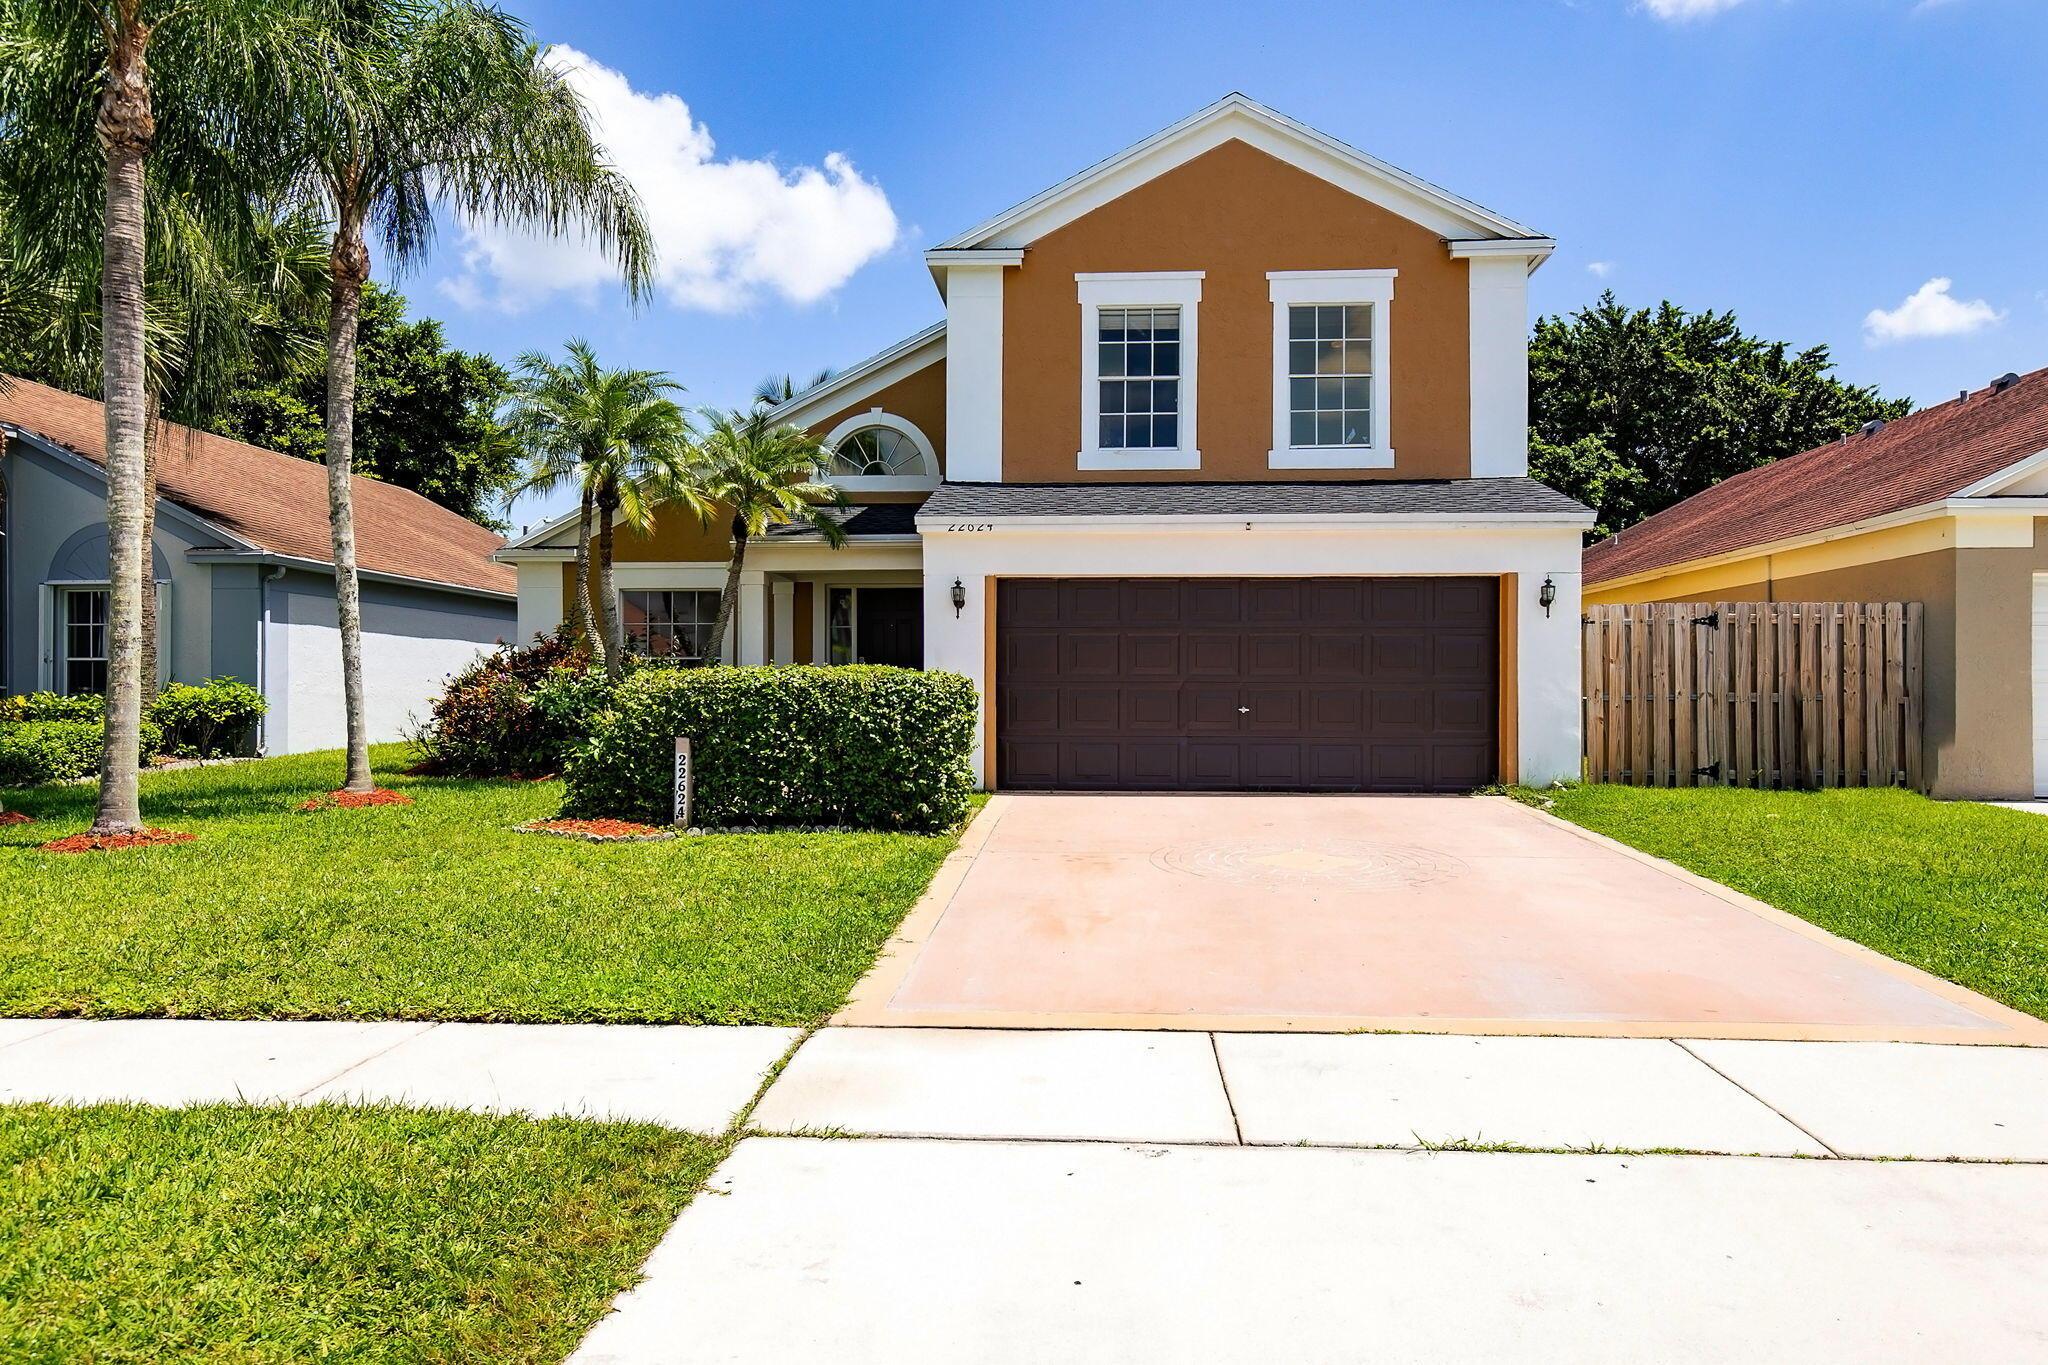 22624 Middletown Drive Boca Raton, FL 33428